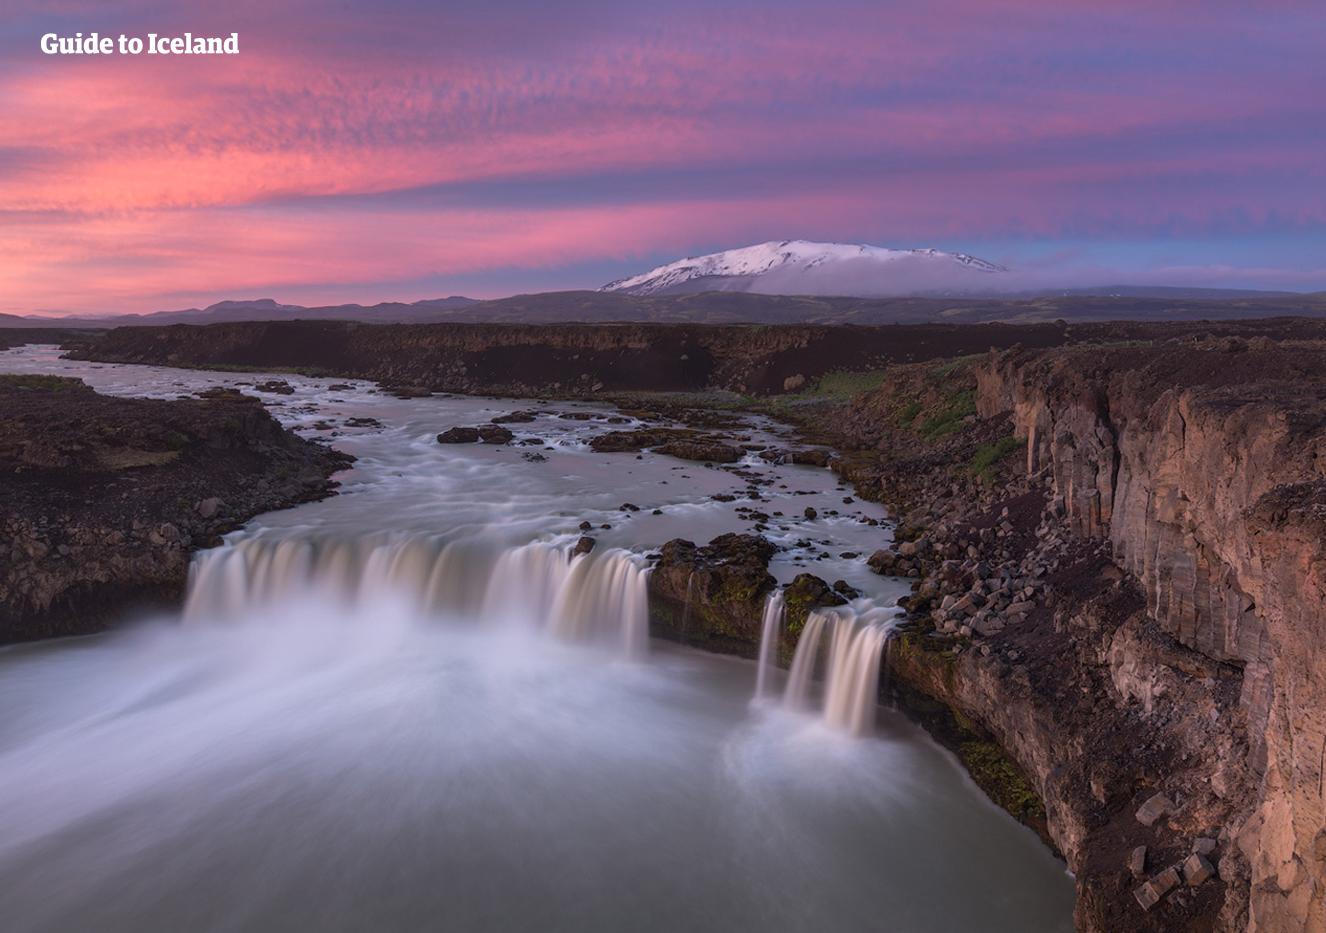 Circuit été de 12 jours | Voyage autour de l'Islande - day 7